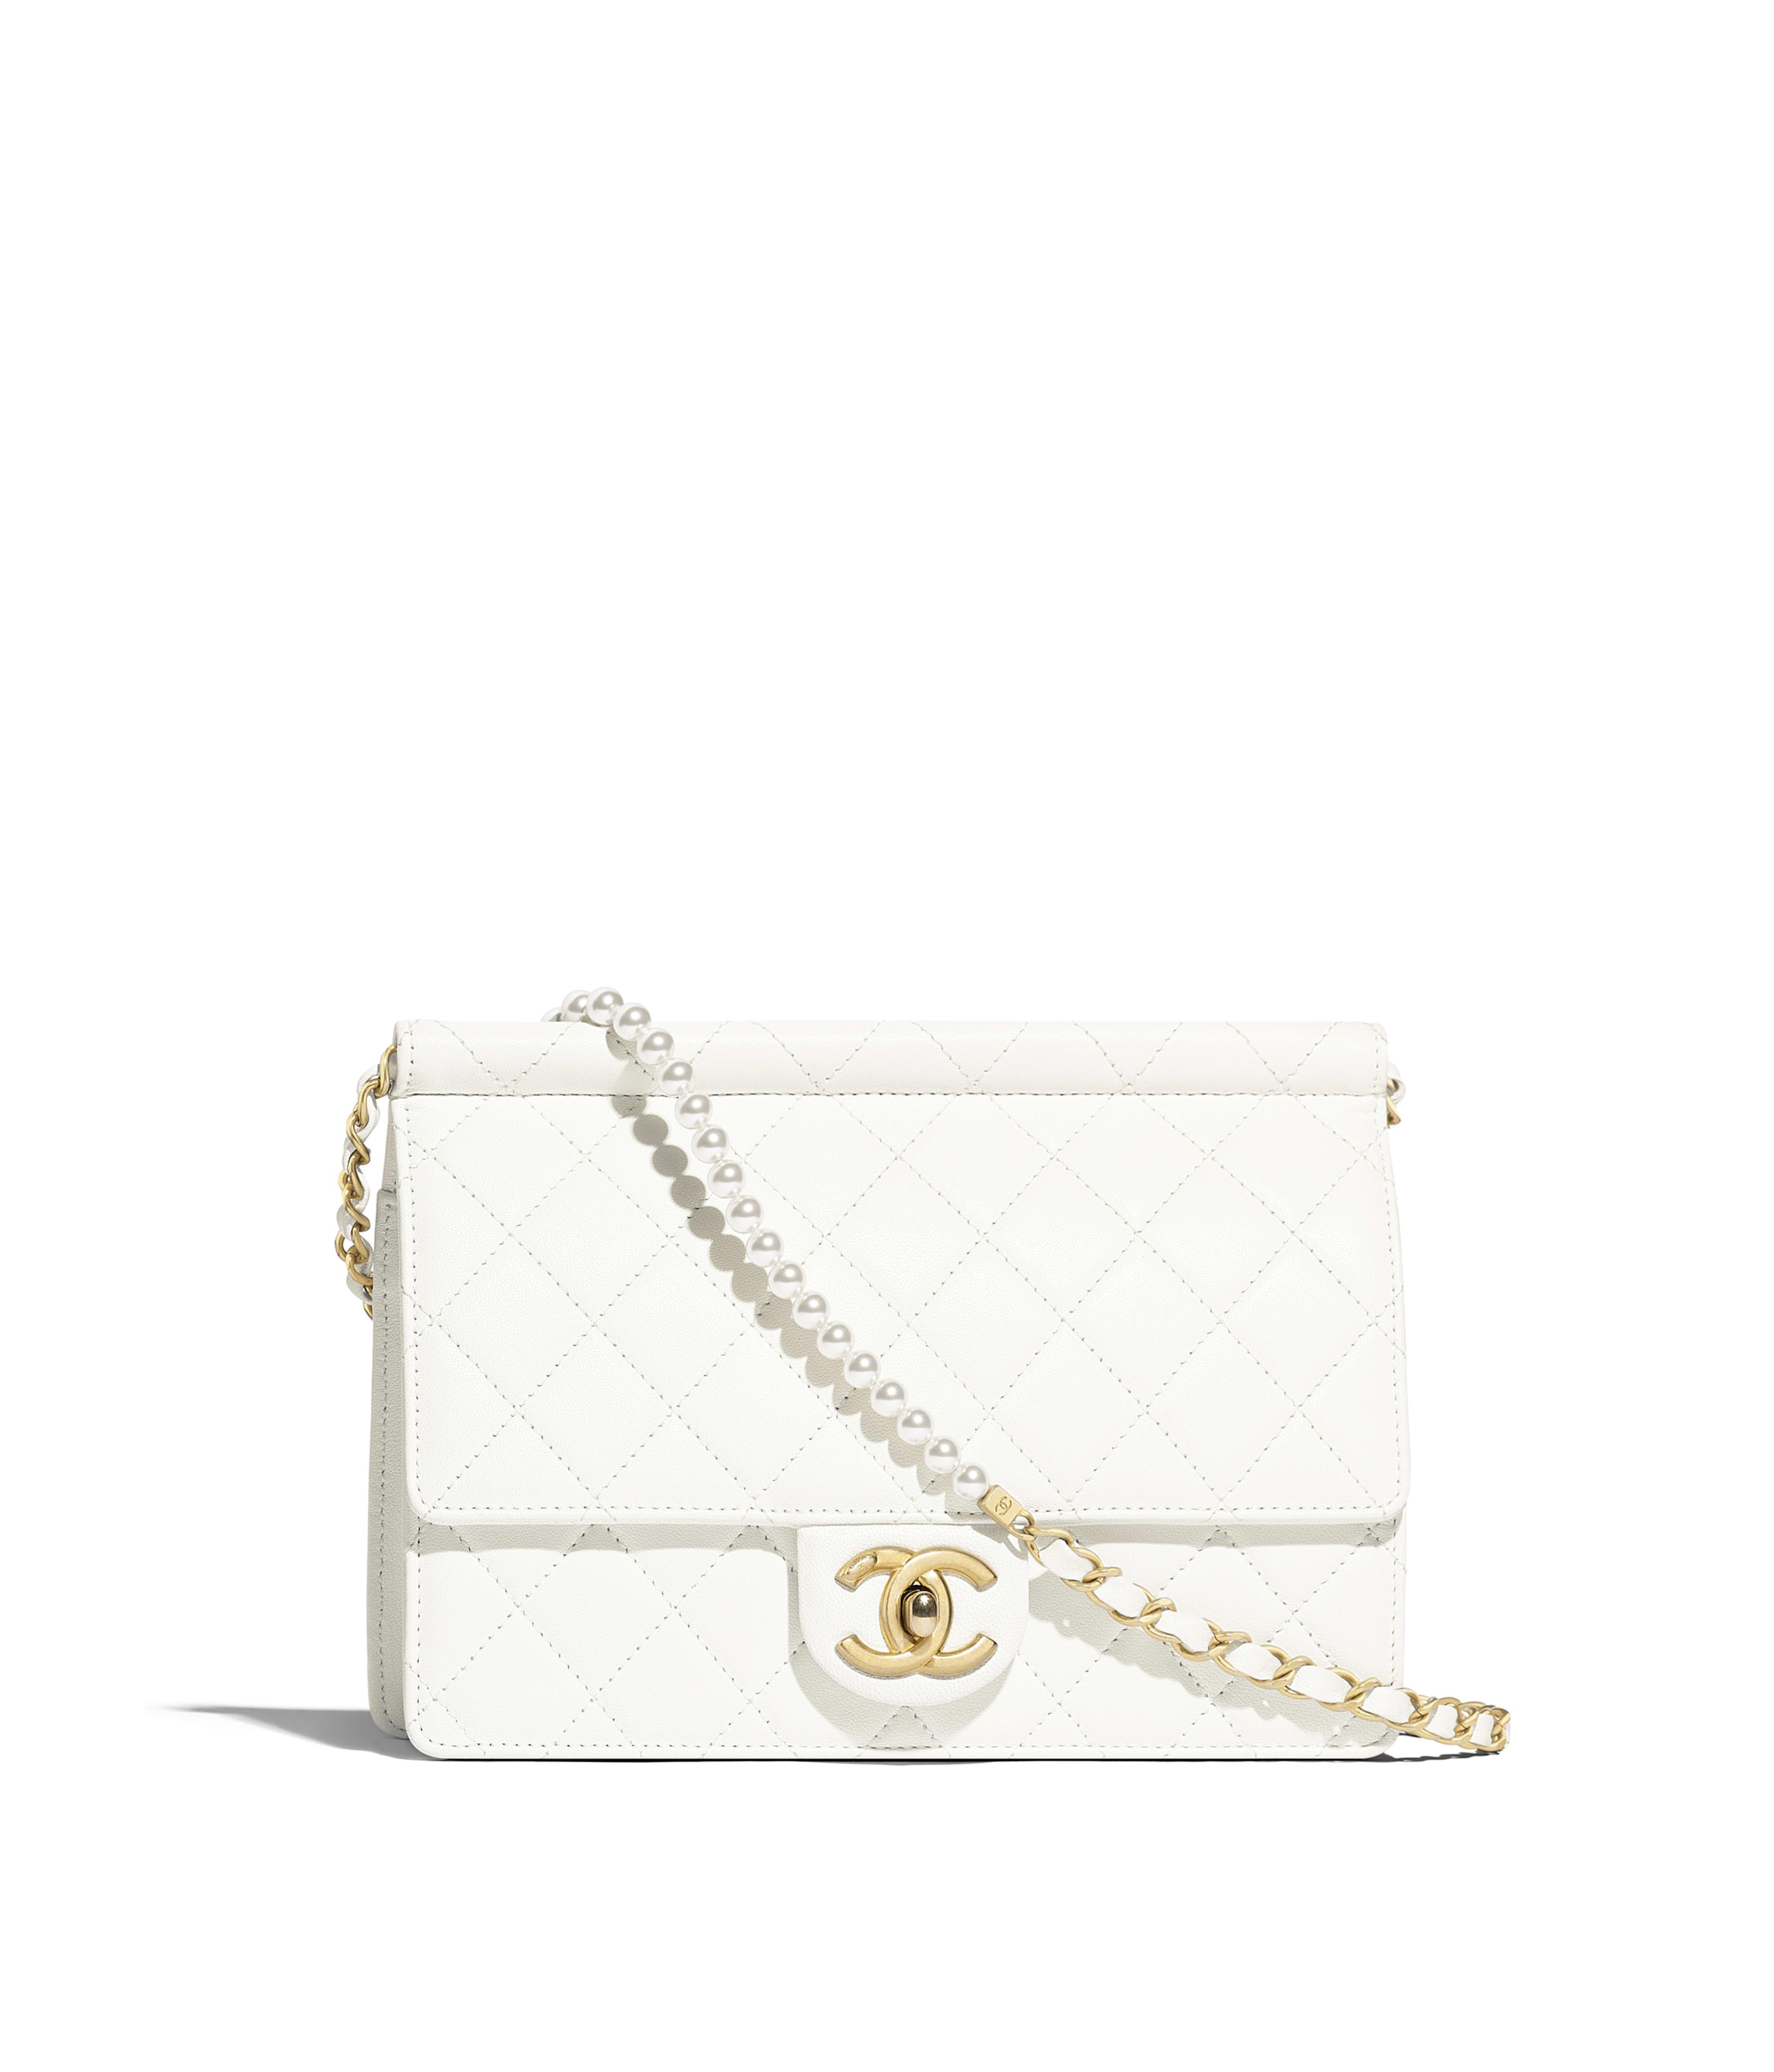 076b2617dc New this season - Handbags